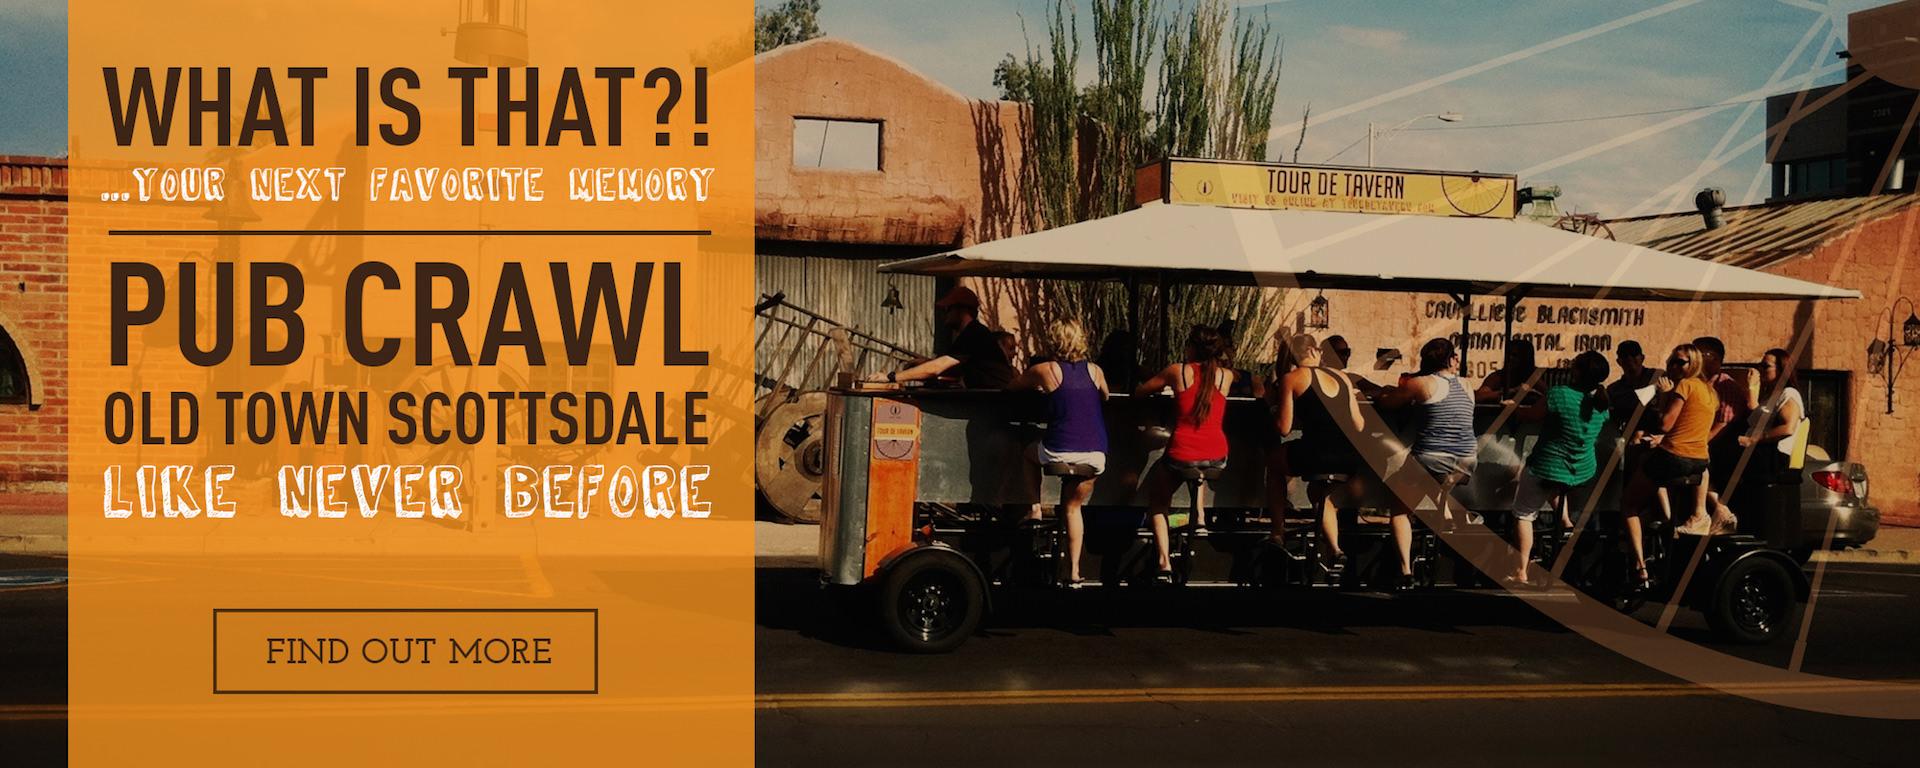 Scottsdale Pub Crawl, Scottsdale Party Bike